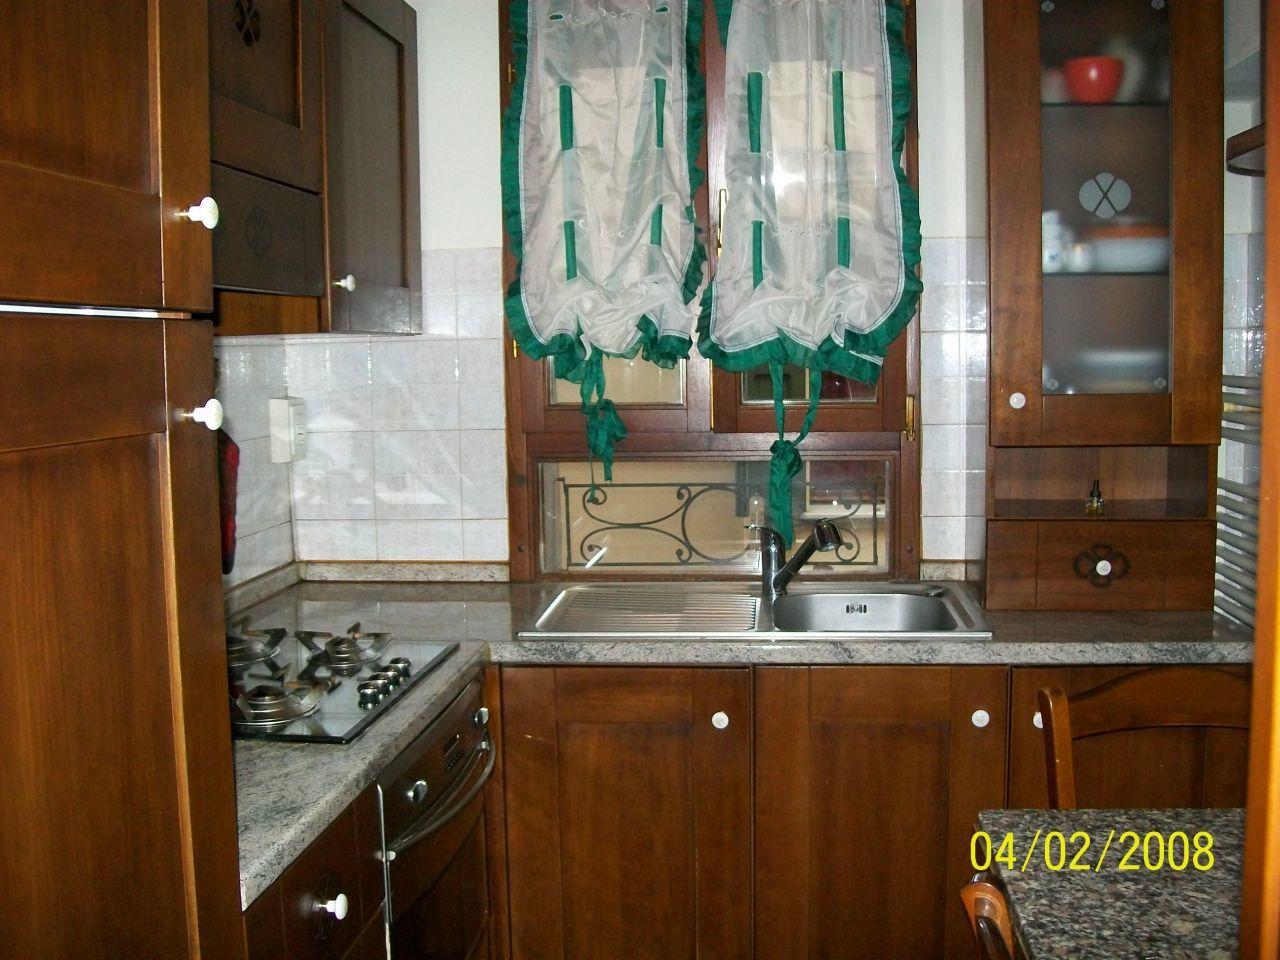 Bilocale in ottime condizioni arredato in vendita Rif. 4148445